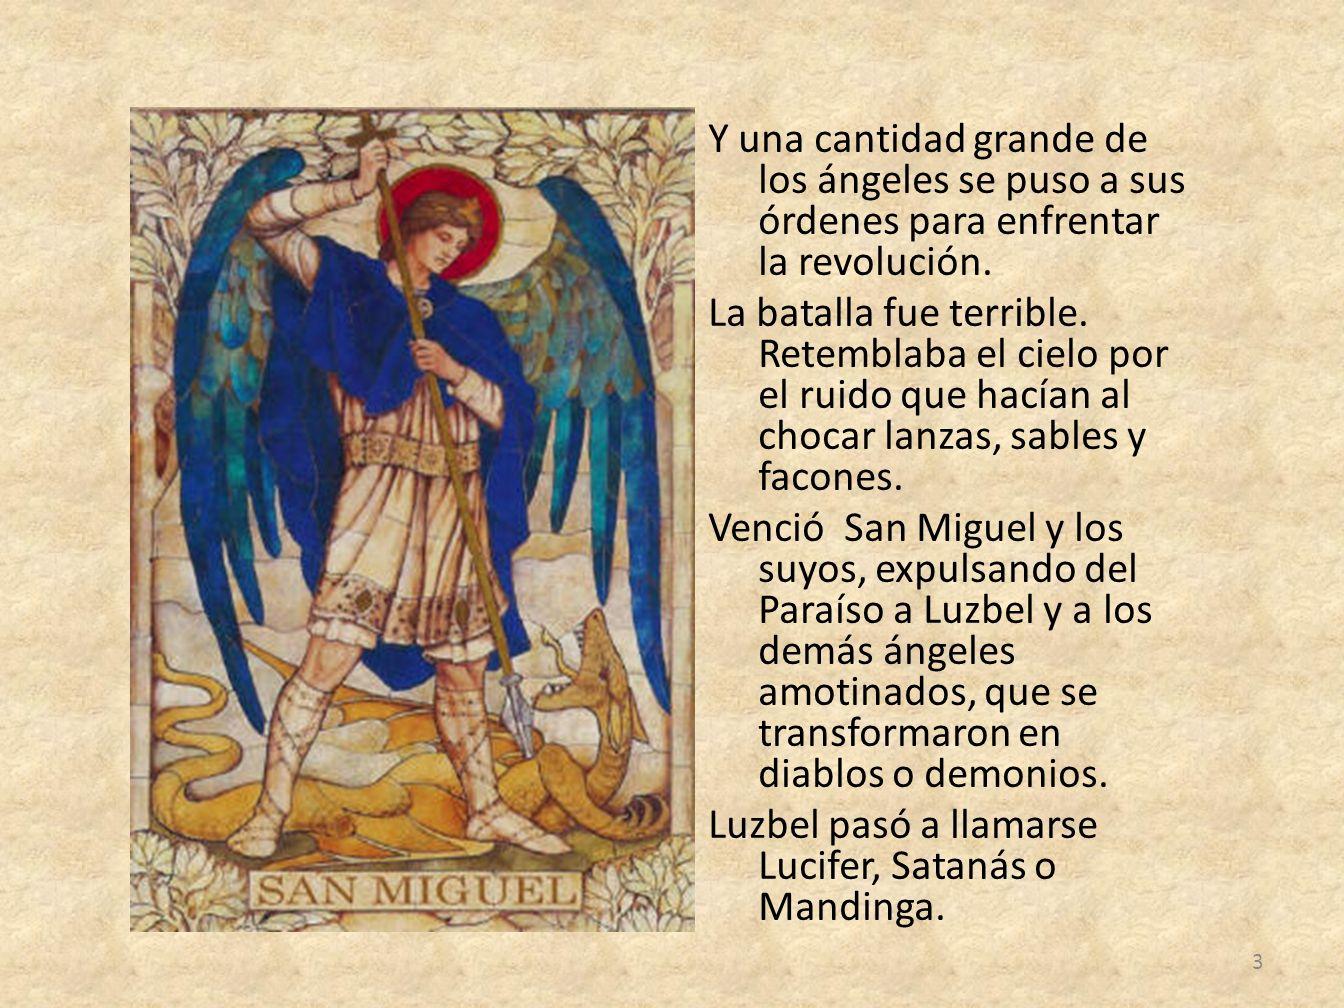 Y una cantidad grande de los ángeles se puso a sus órdenes para enfrentar la revolución.